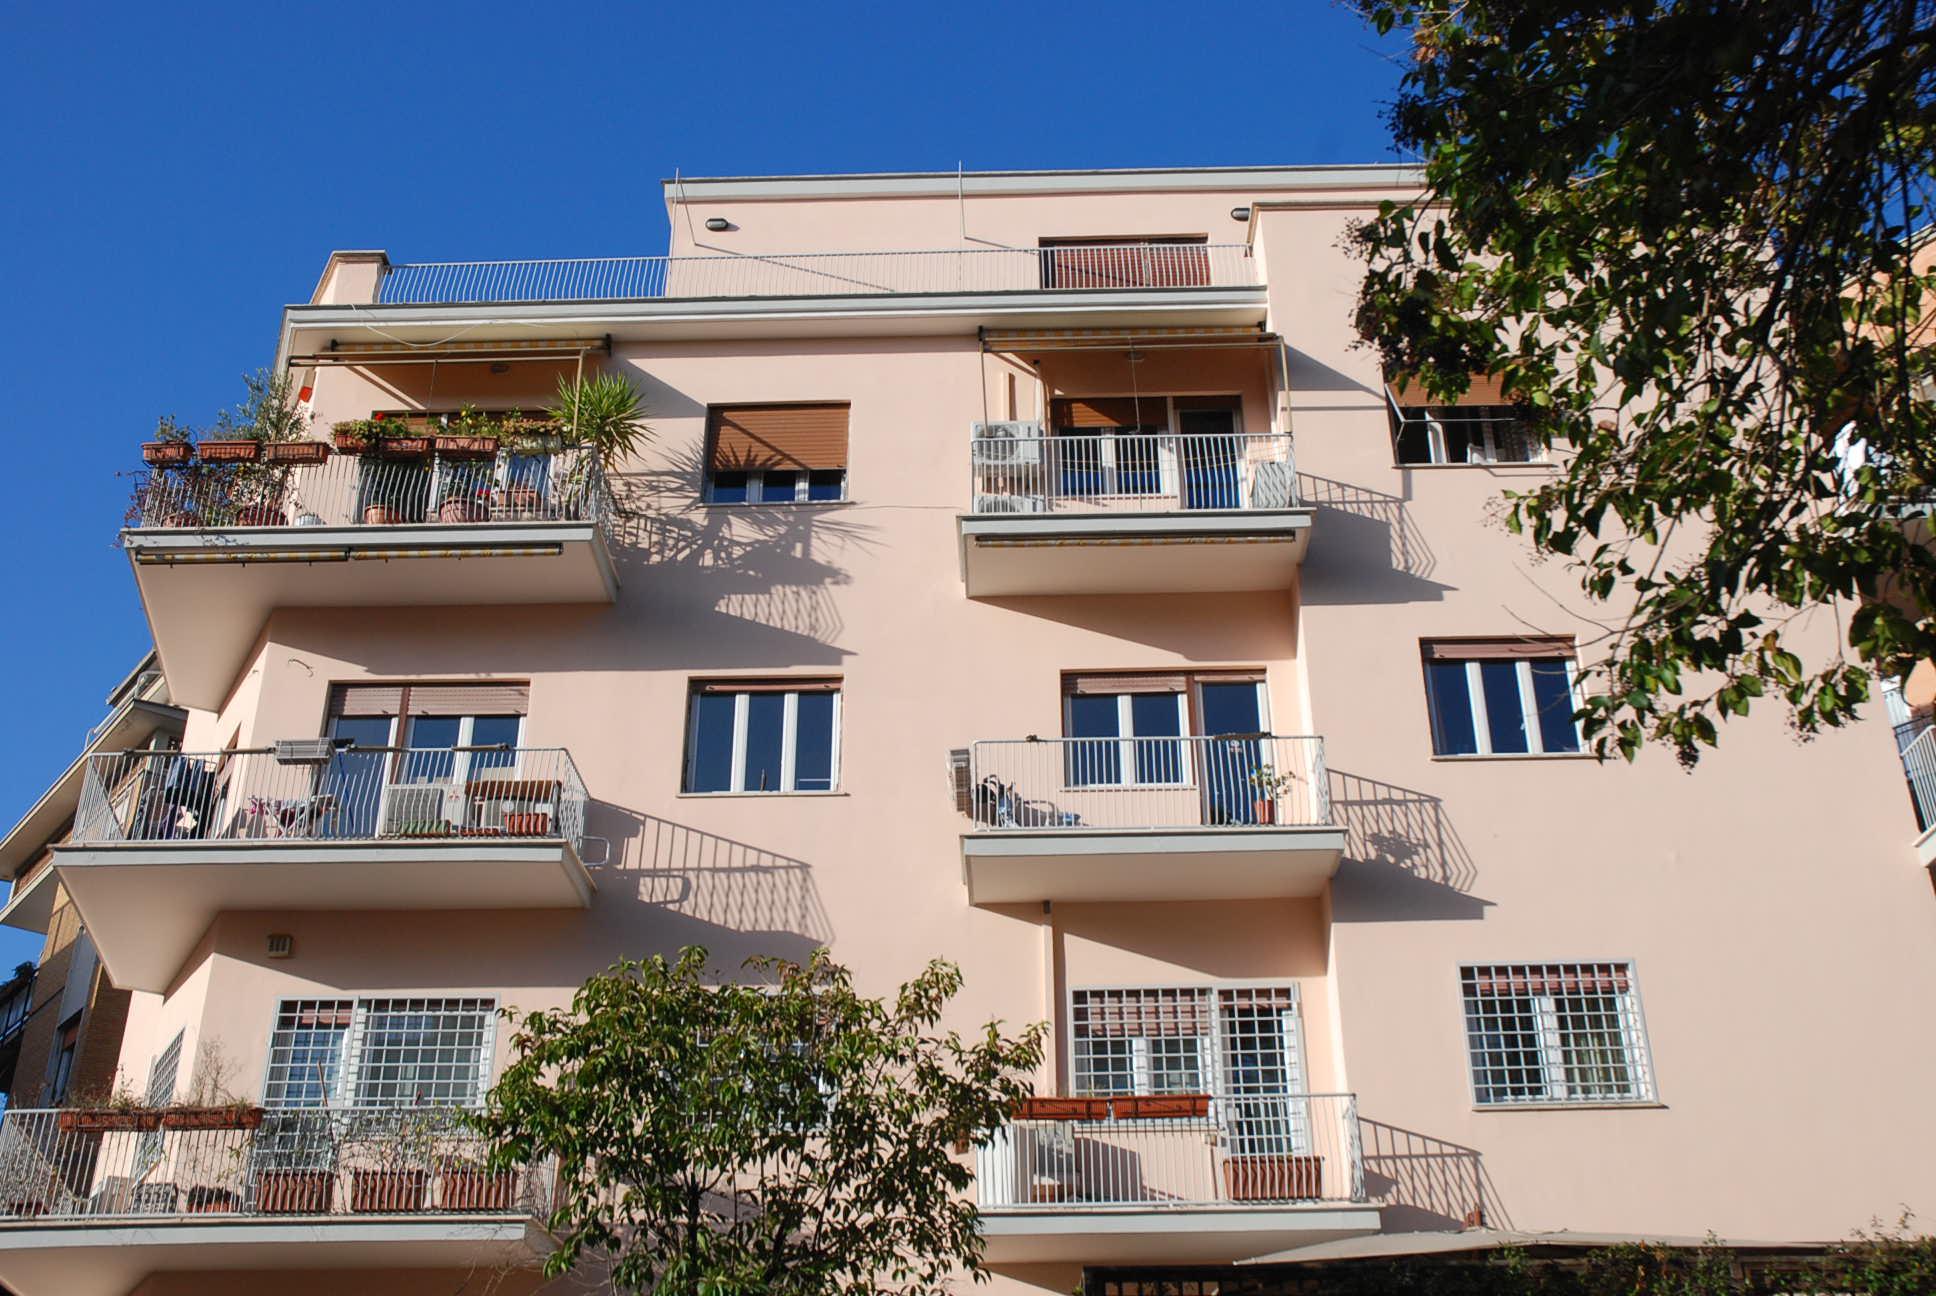 Migliore agenzia immobiliare roma for Affitti temporanei appartamenti roma